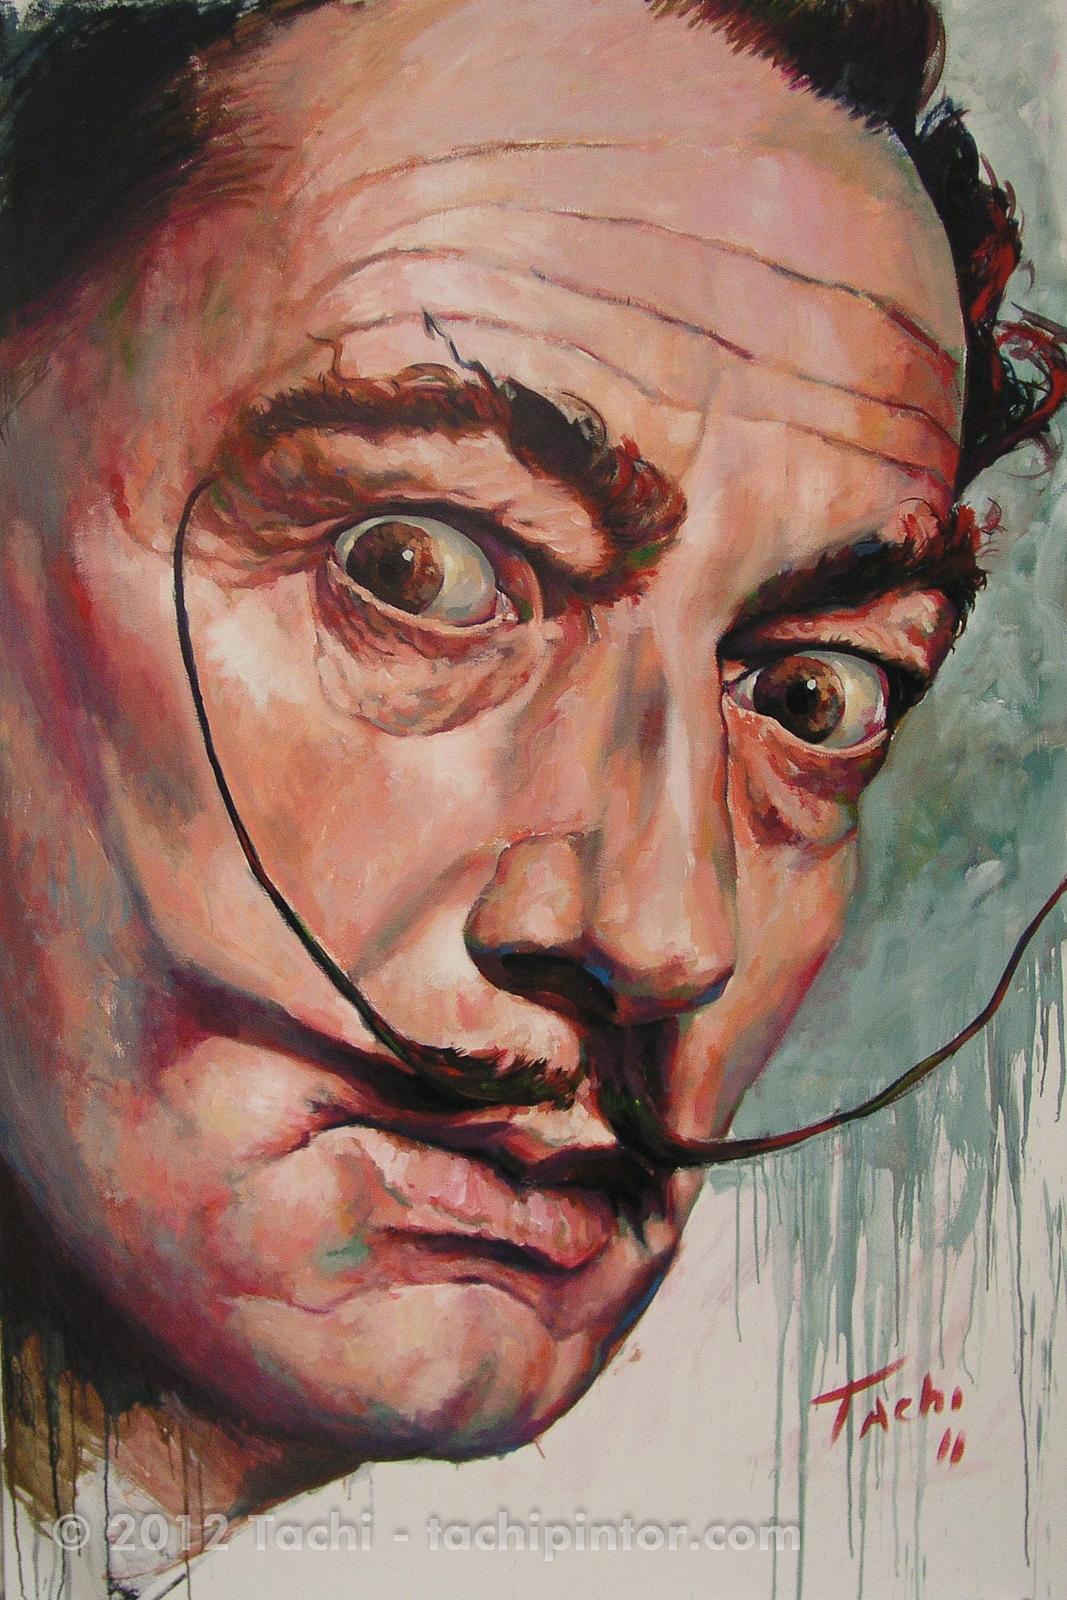 Salvador Dalí by Tachi - © www.tachipintor.com